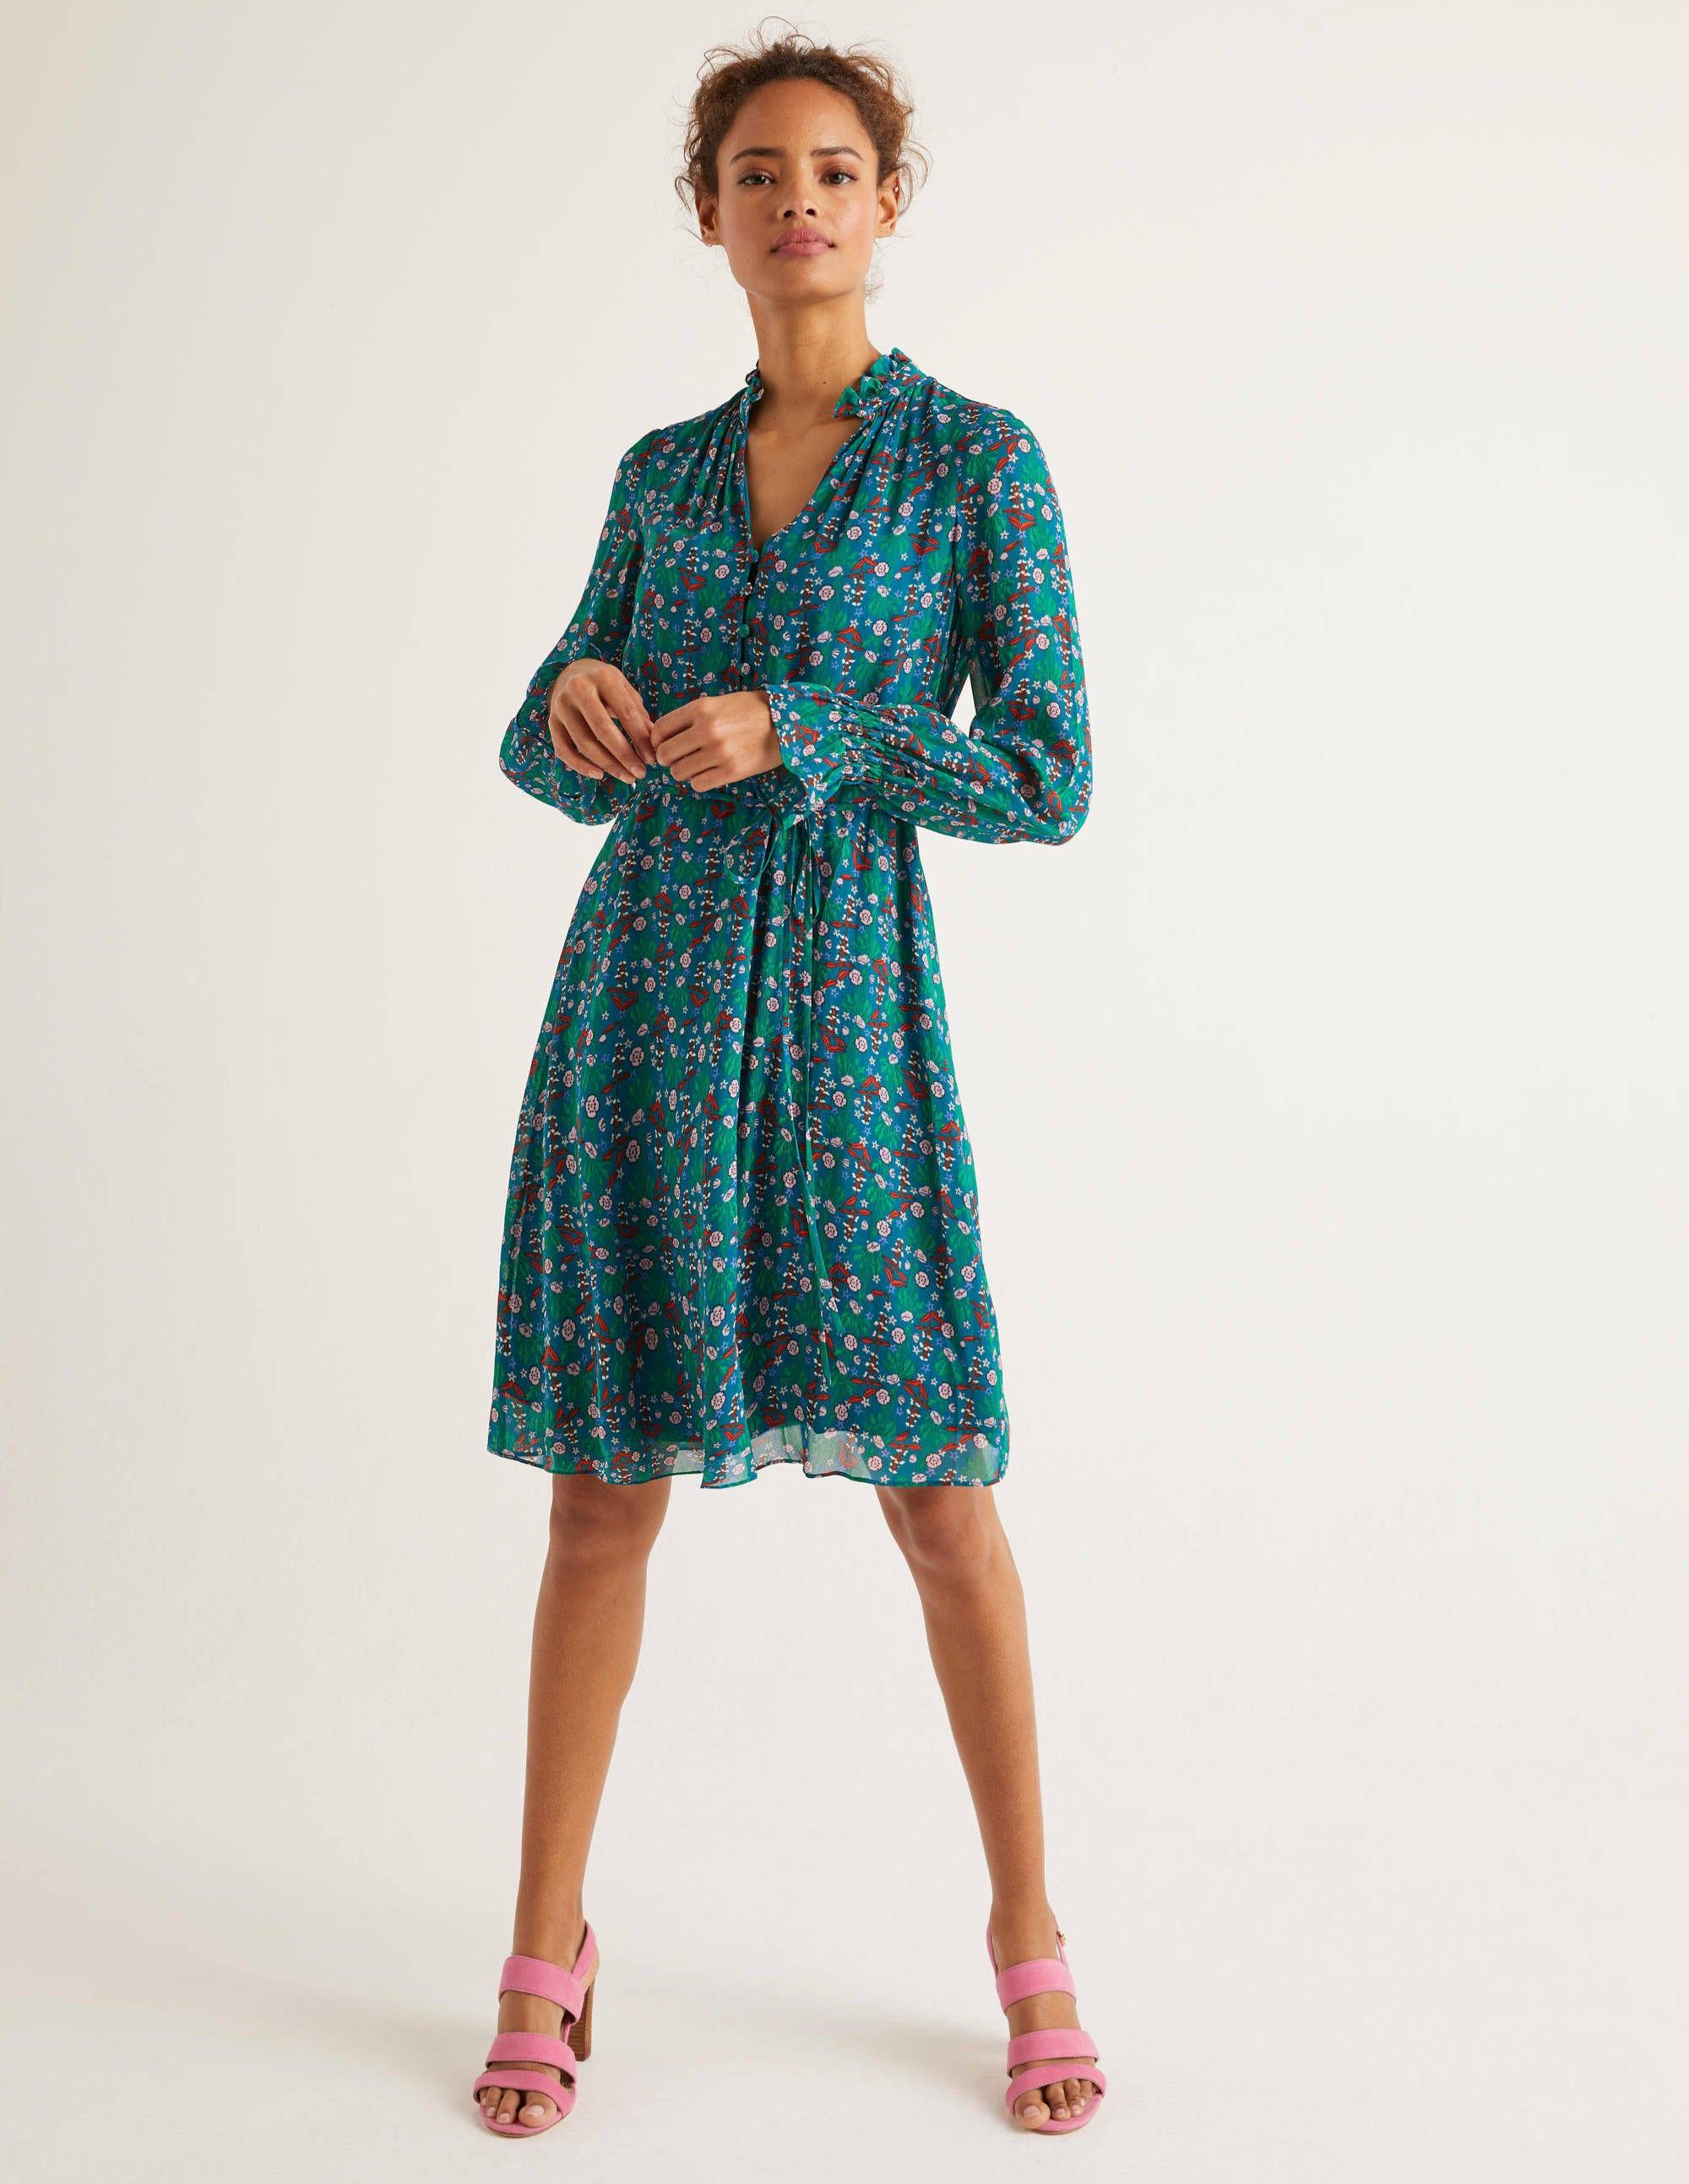 Boden Evangeline Dress - Vibrant Teal, Garden Charm